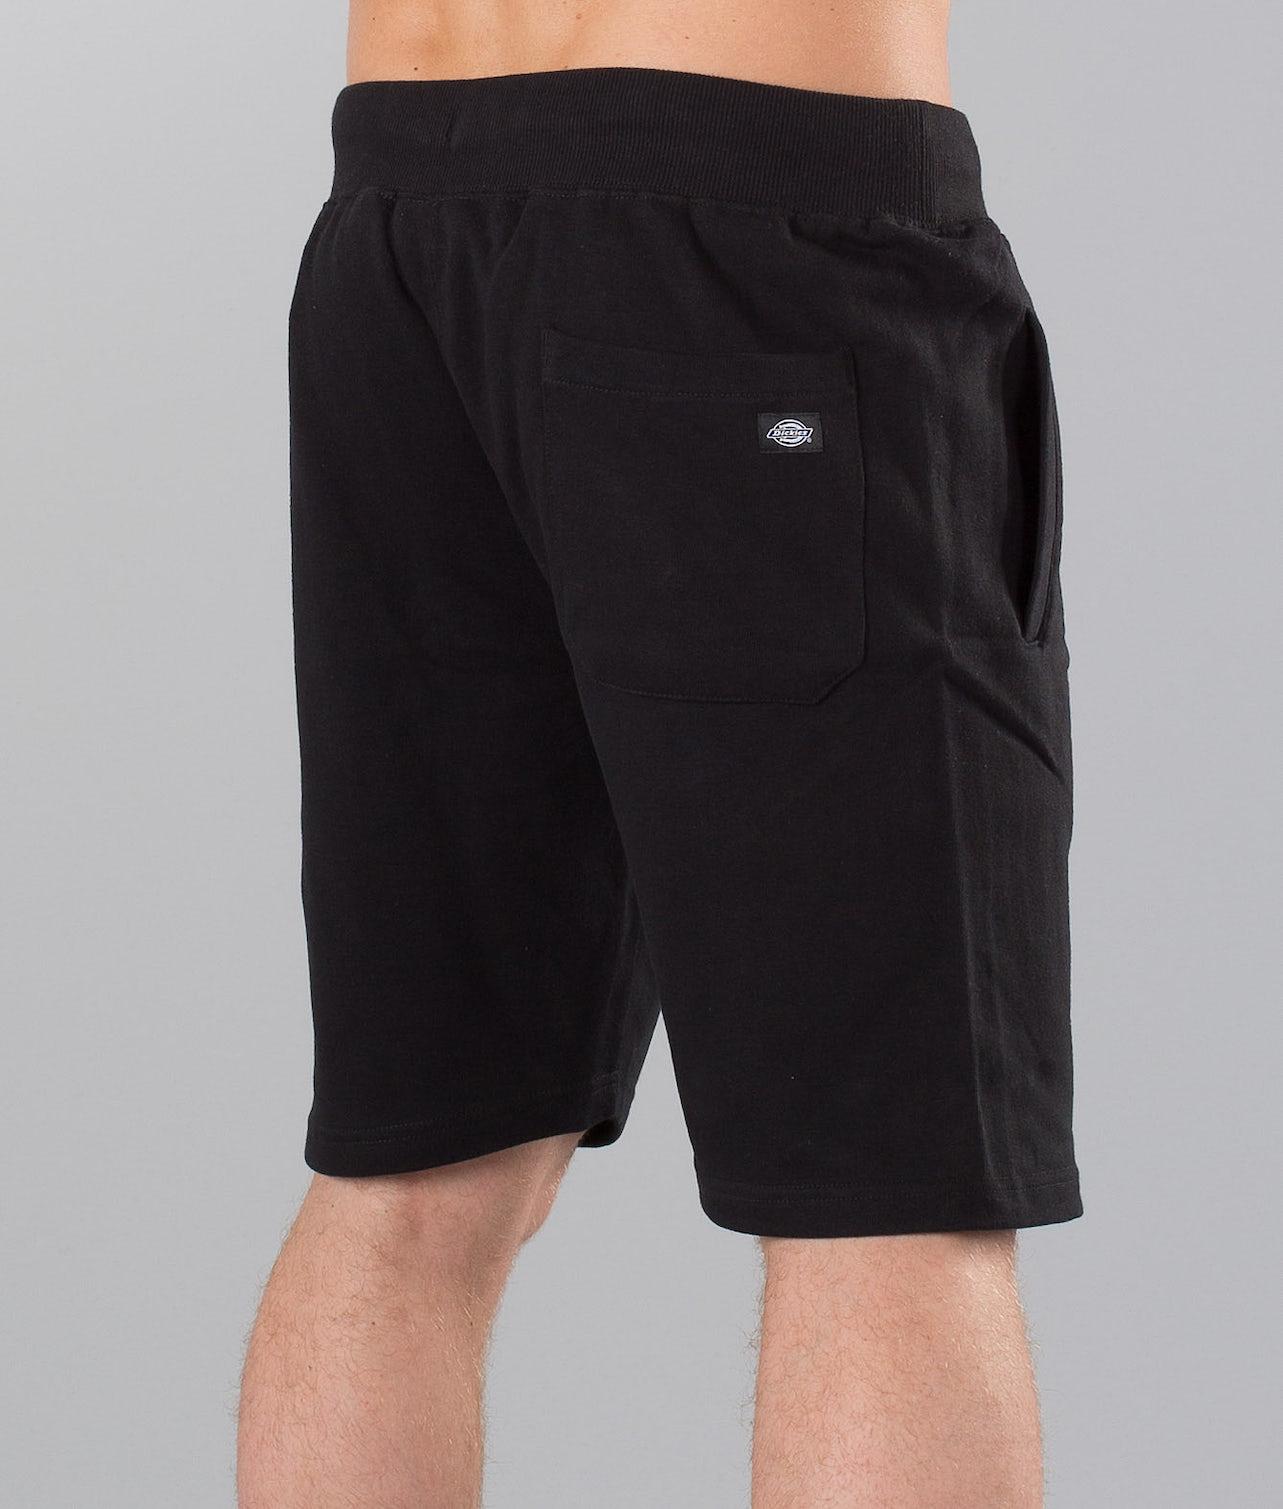 Kjøp Roxton Shorts fra Dickies på Ridestore.no - Hos oss har du alltid fri frakt, fri retur og 30 dagers åpent kjøp!